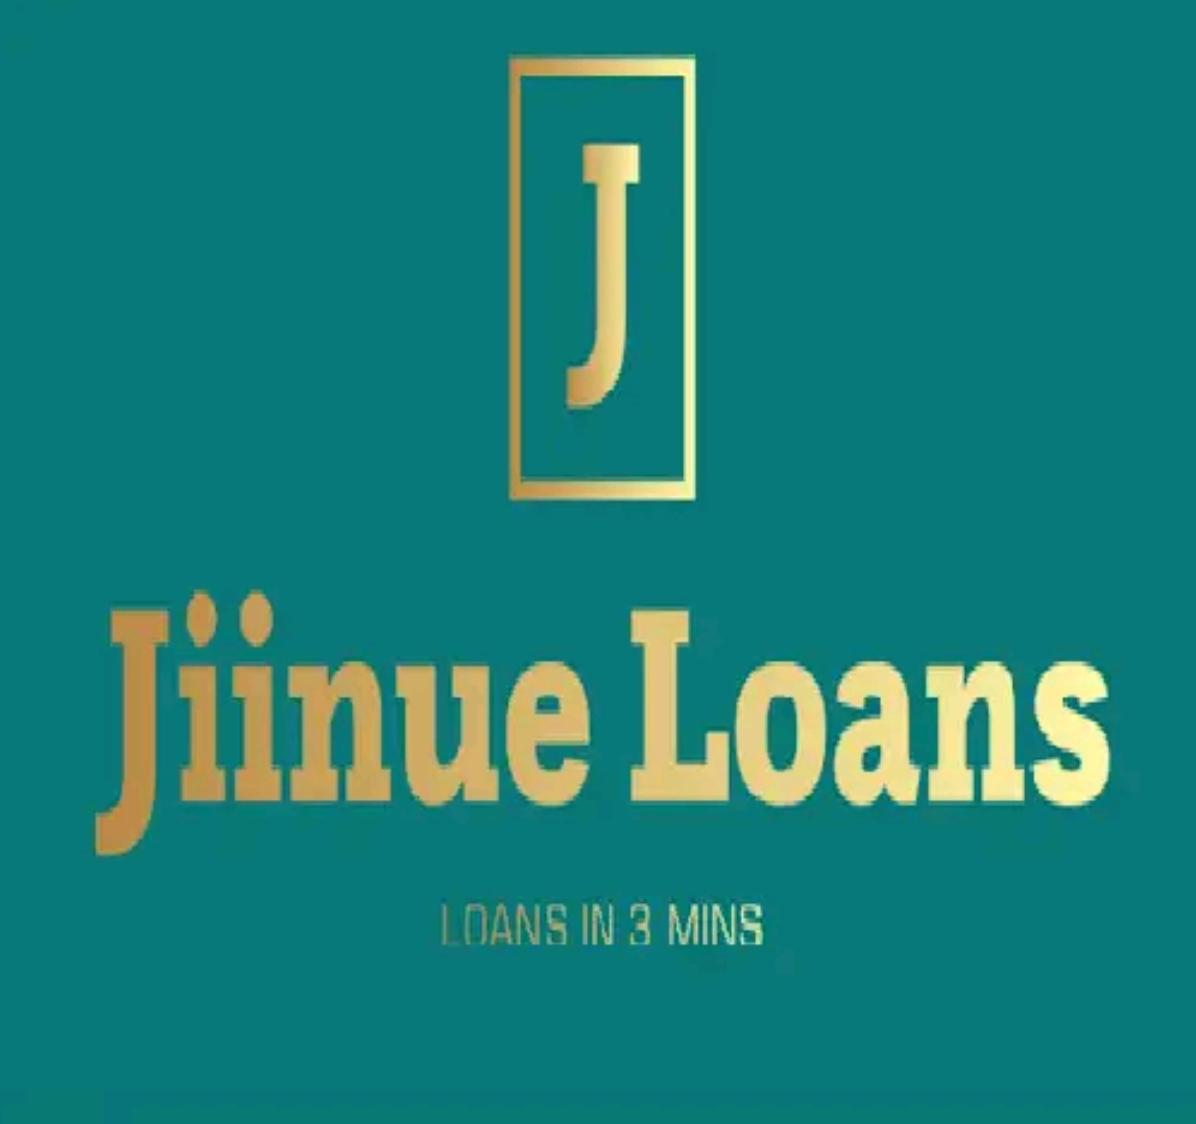 Jiinue loan app